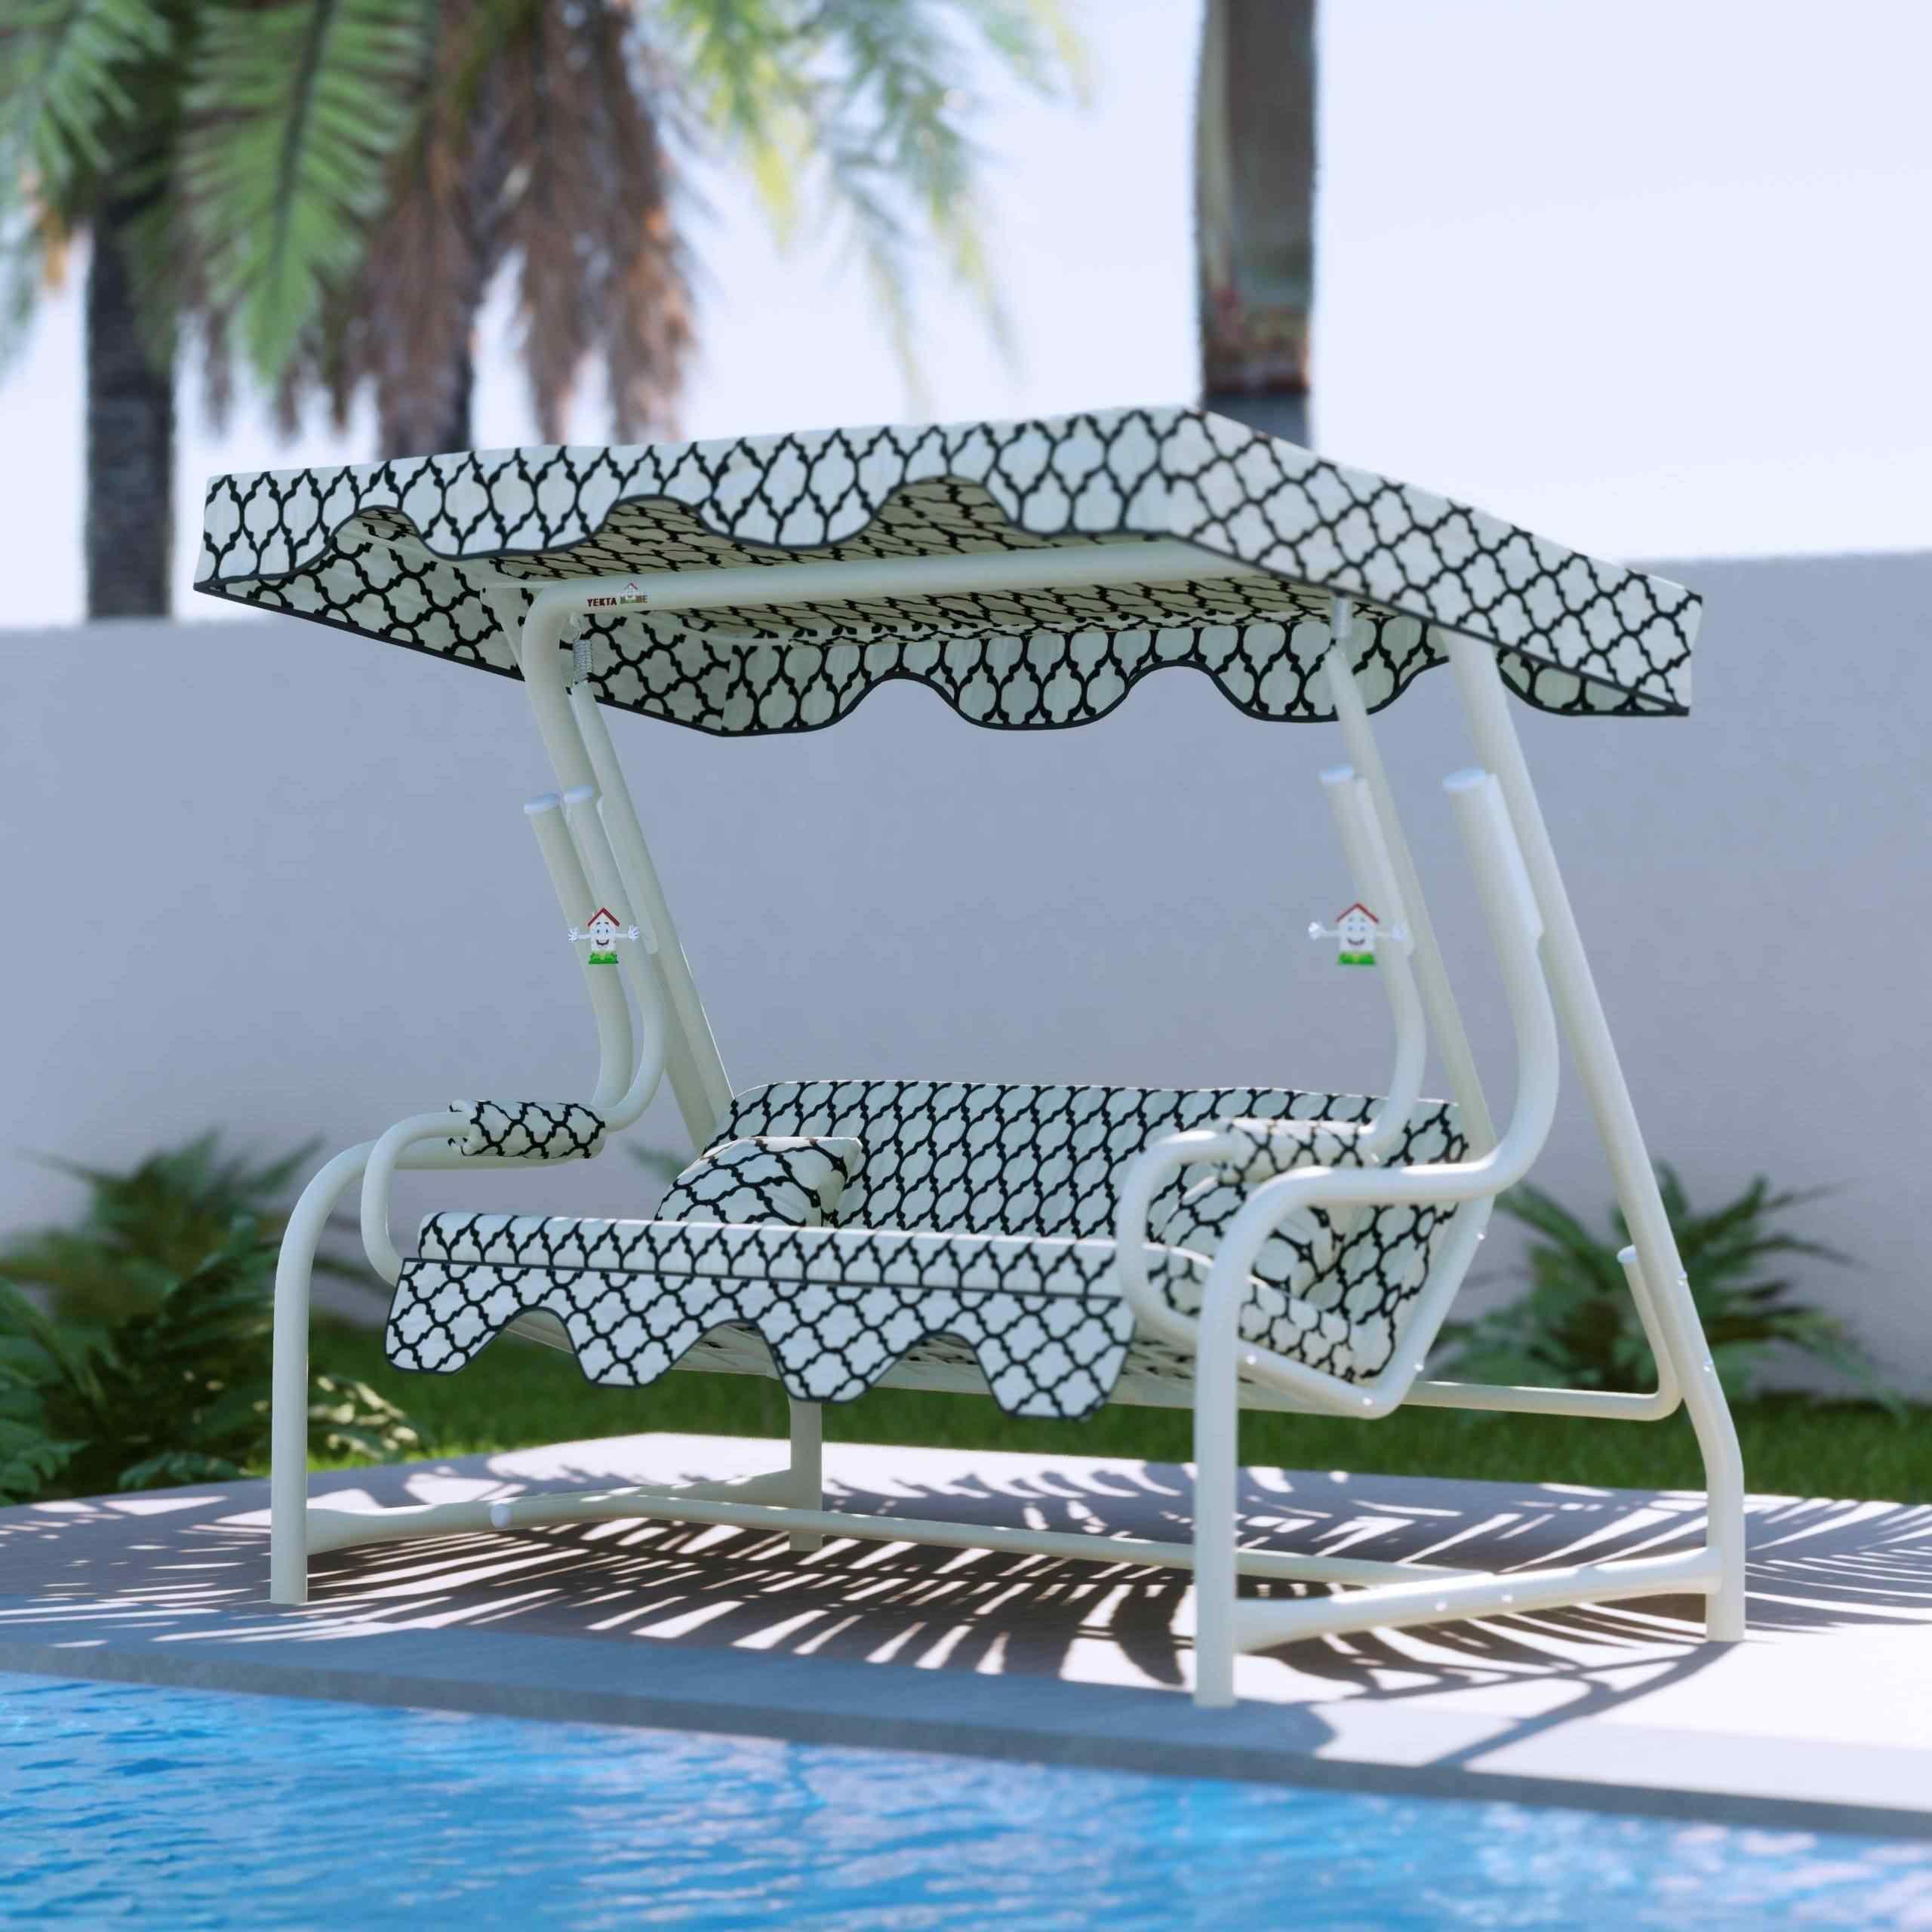 Maystro Alaçatı 3 Kişilik Bahçe Salıncağı Balkon Salıncak 200 cm